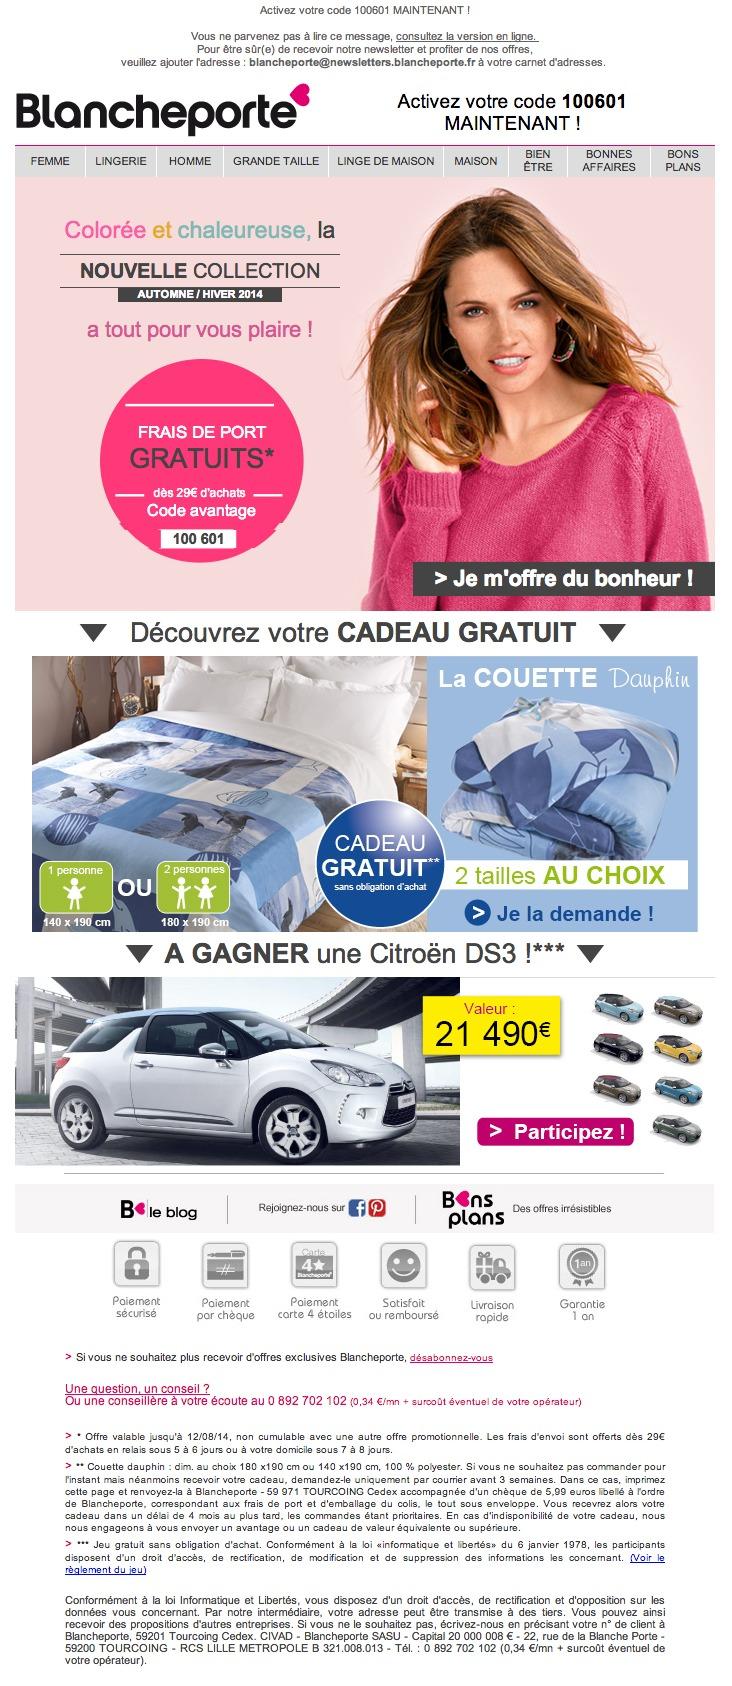 Galerie de newsletters blancheporte m mabrouk nouvelle collection nouveaux avantages - La blanche porte nouvelle collection ...